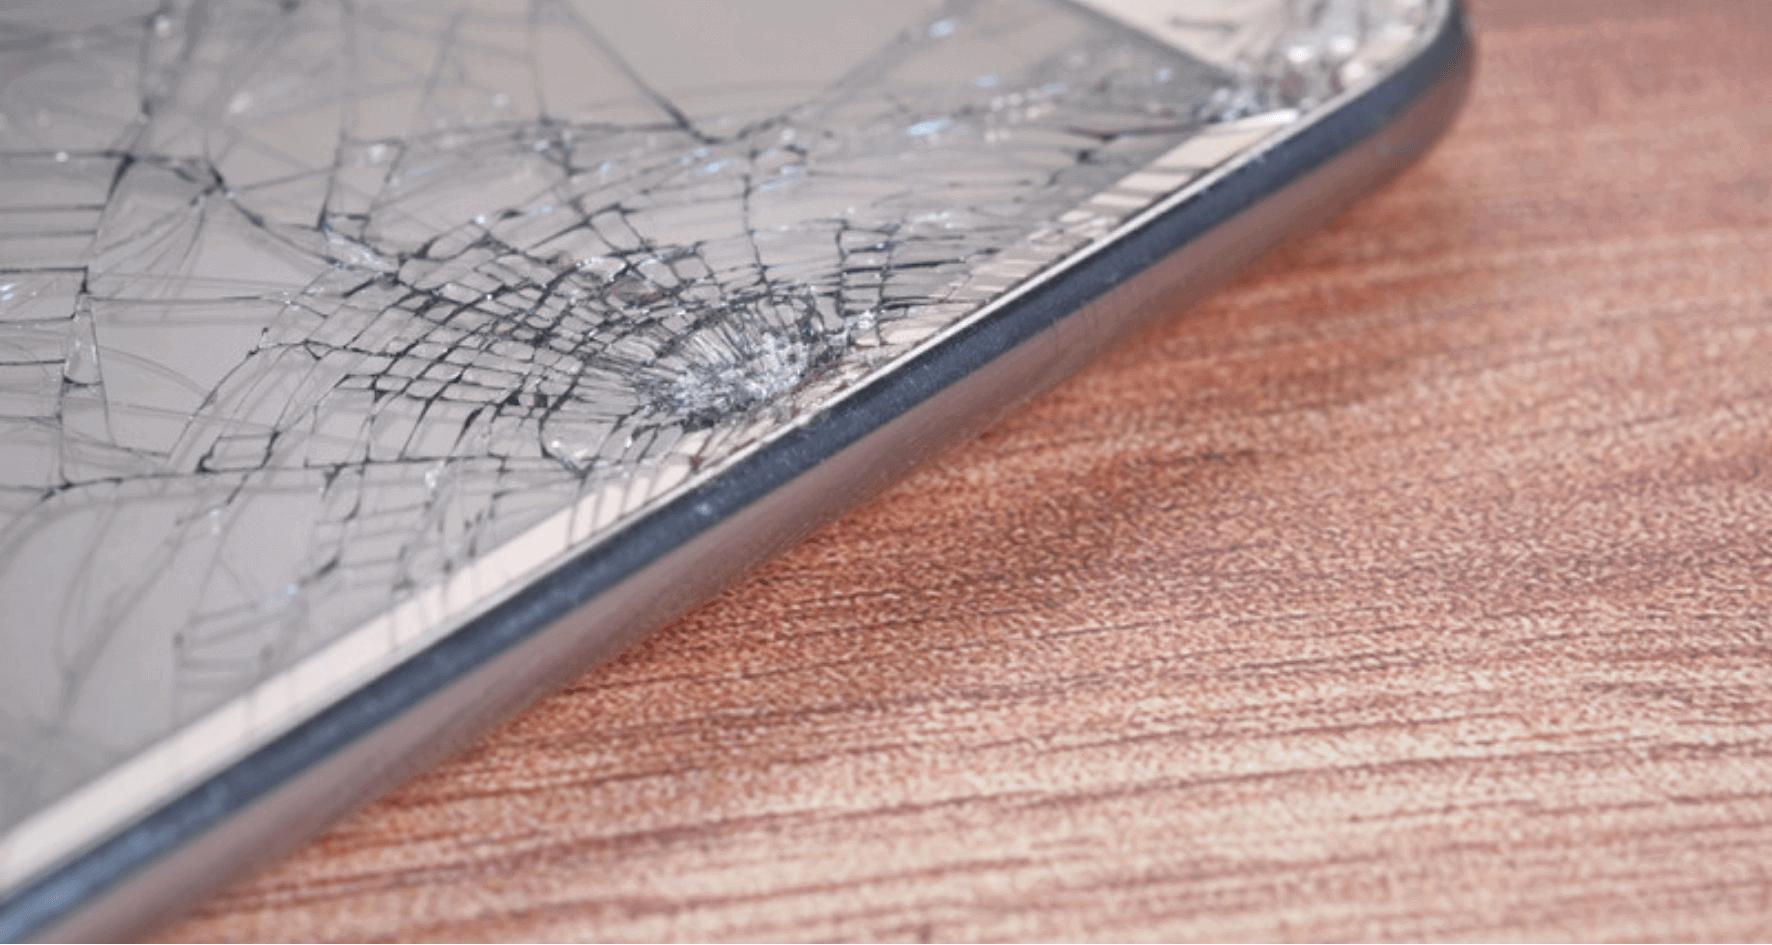 Recubrimientos para evitar el rayado de vidrios